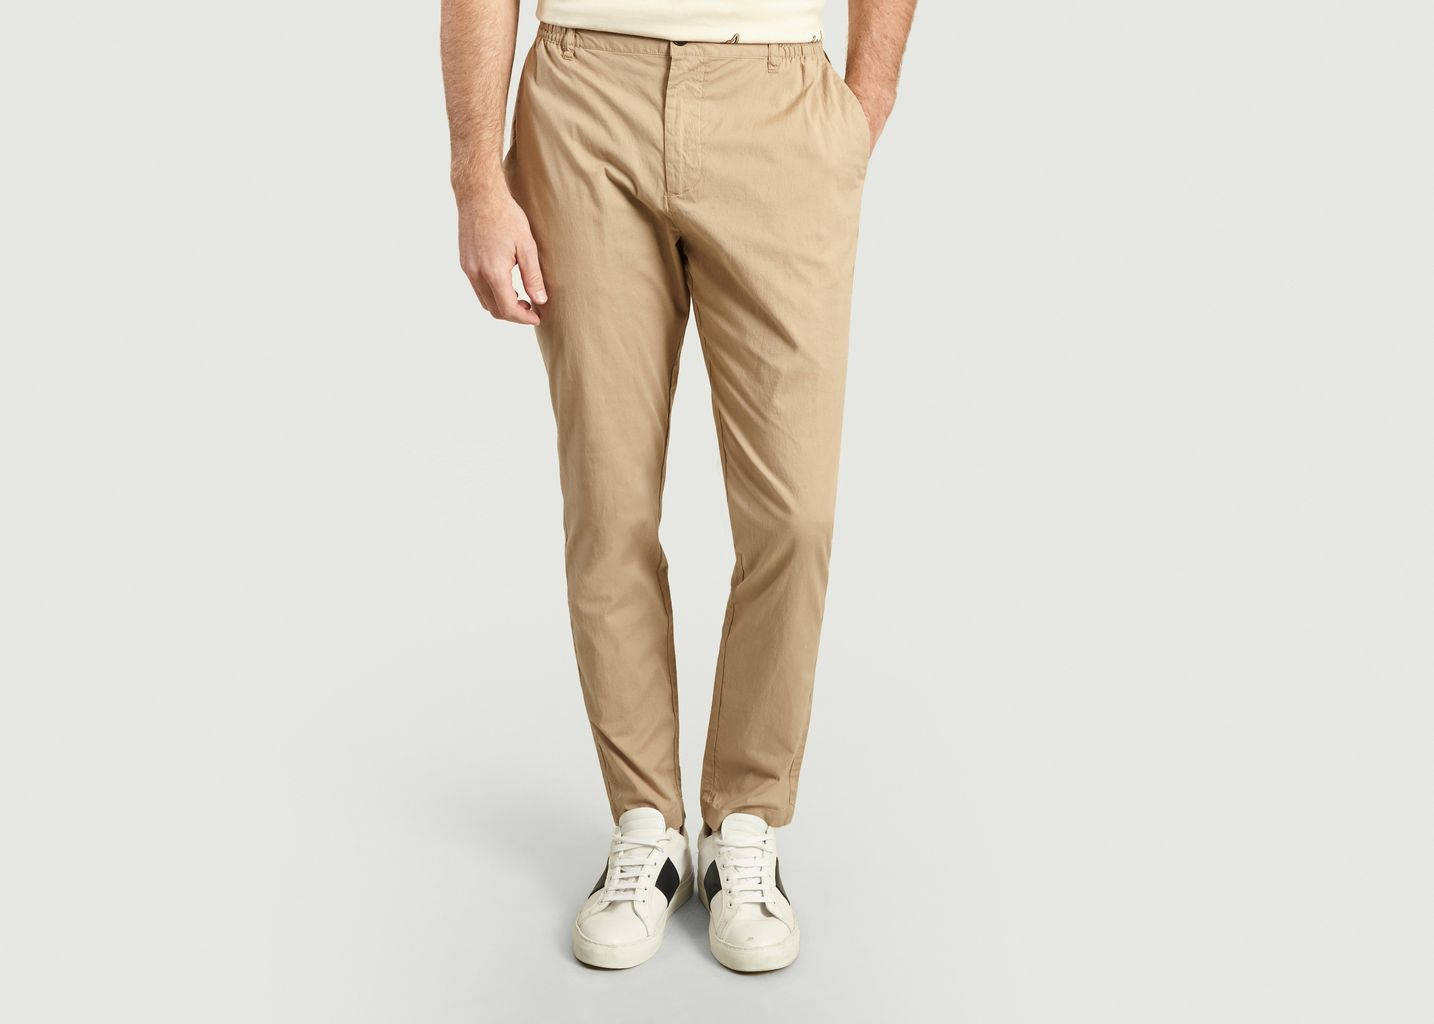 Pantalon Gilbert en coton mélangé - SUIT